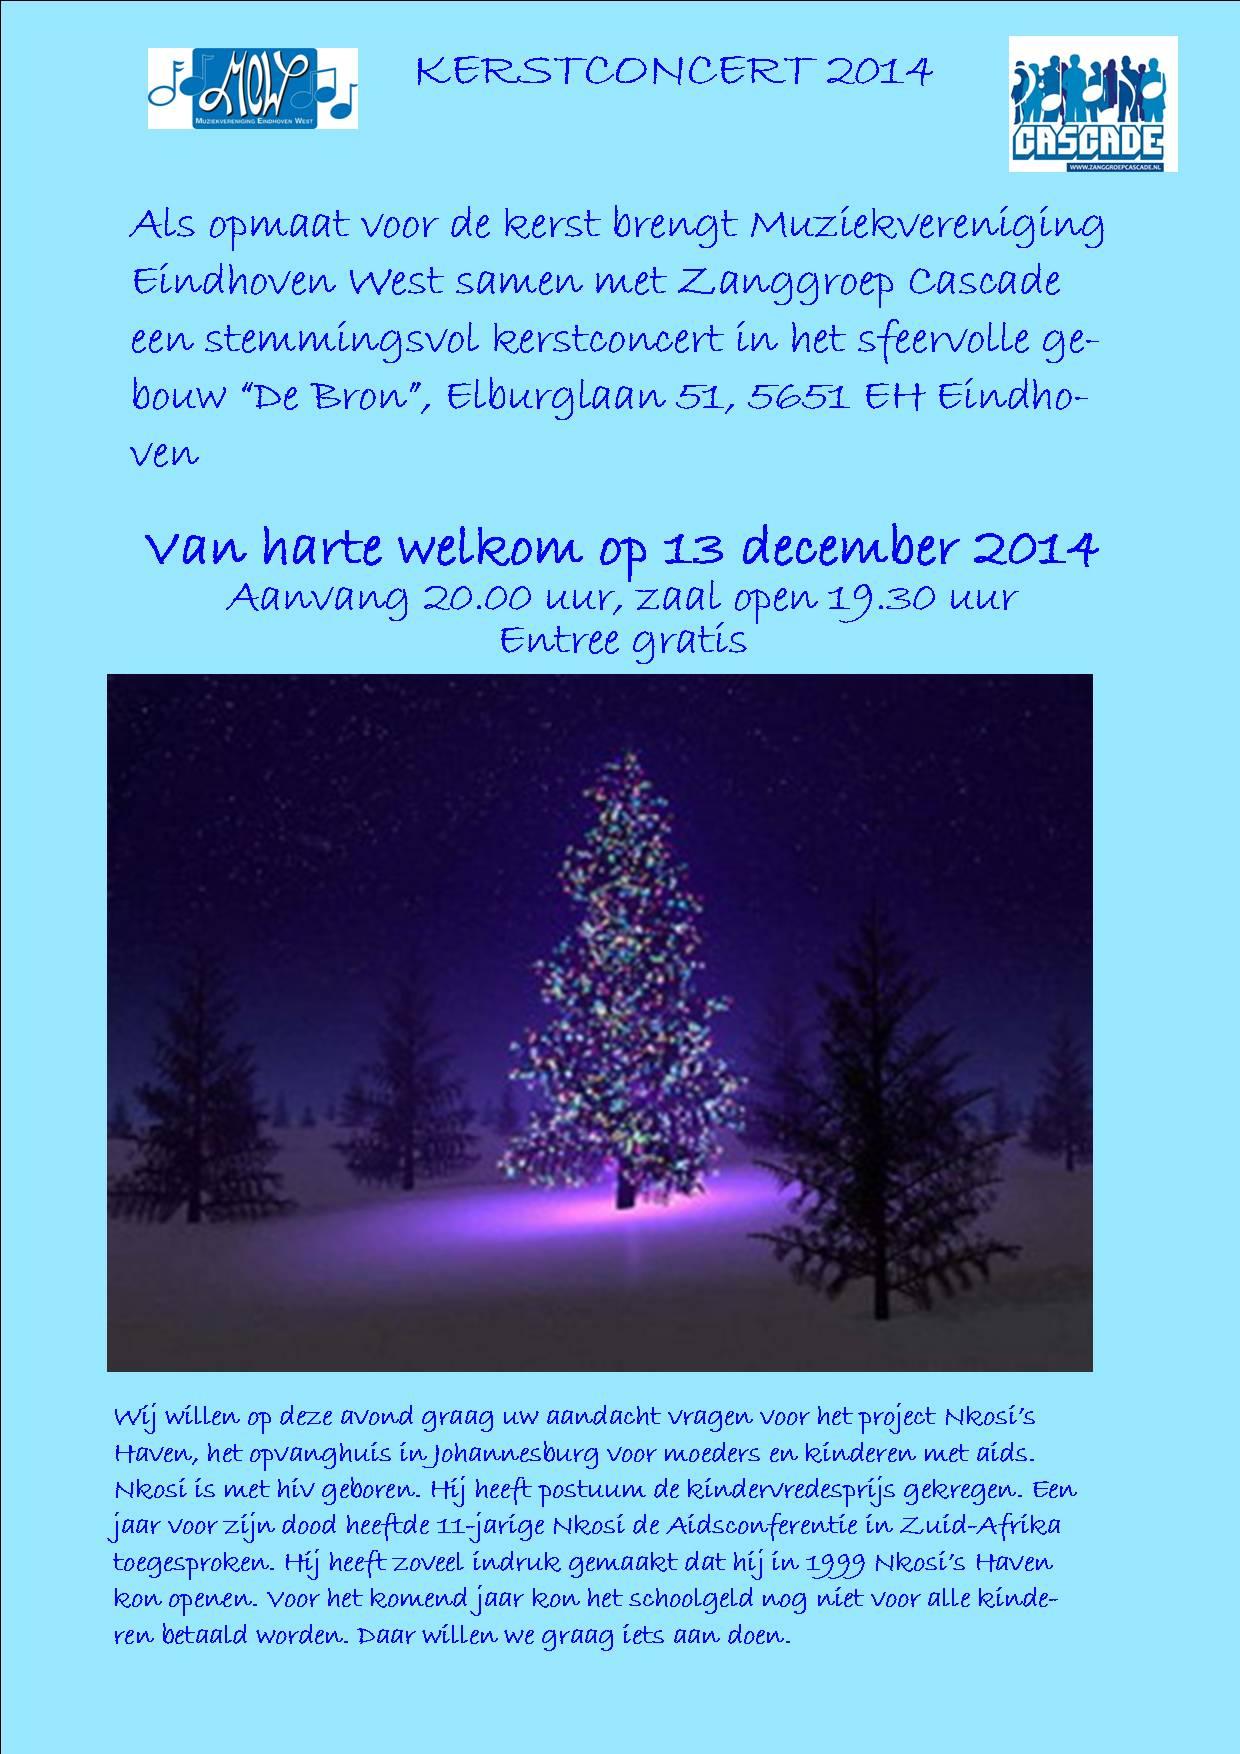 uitnodiging kerstconcert 2014